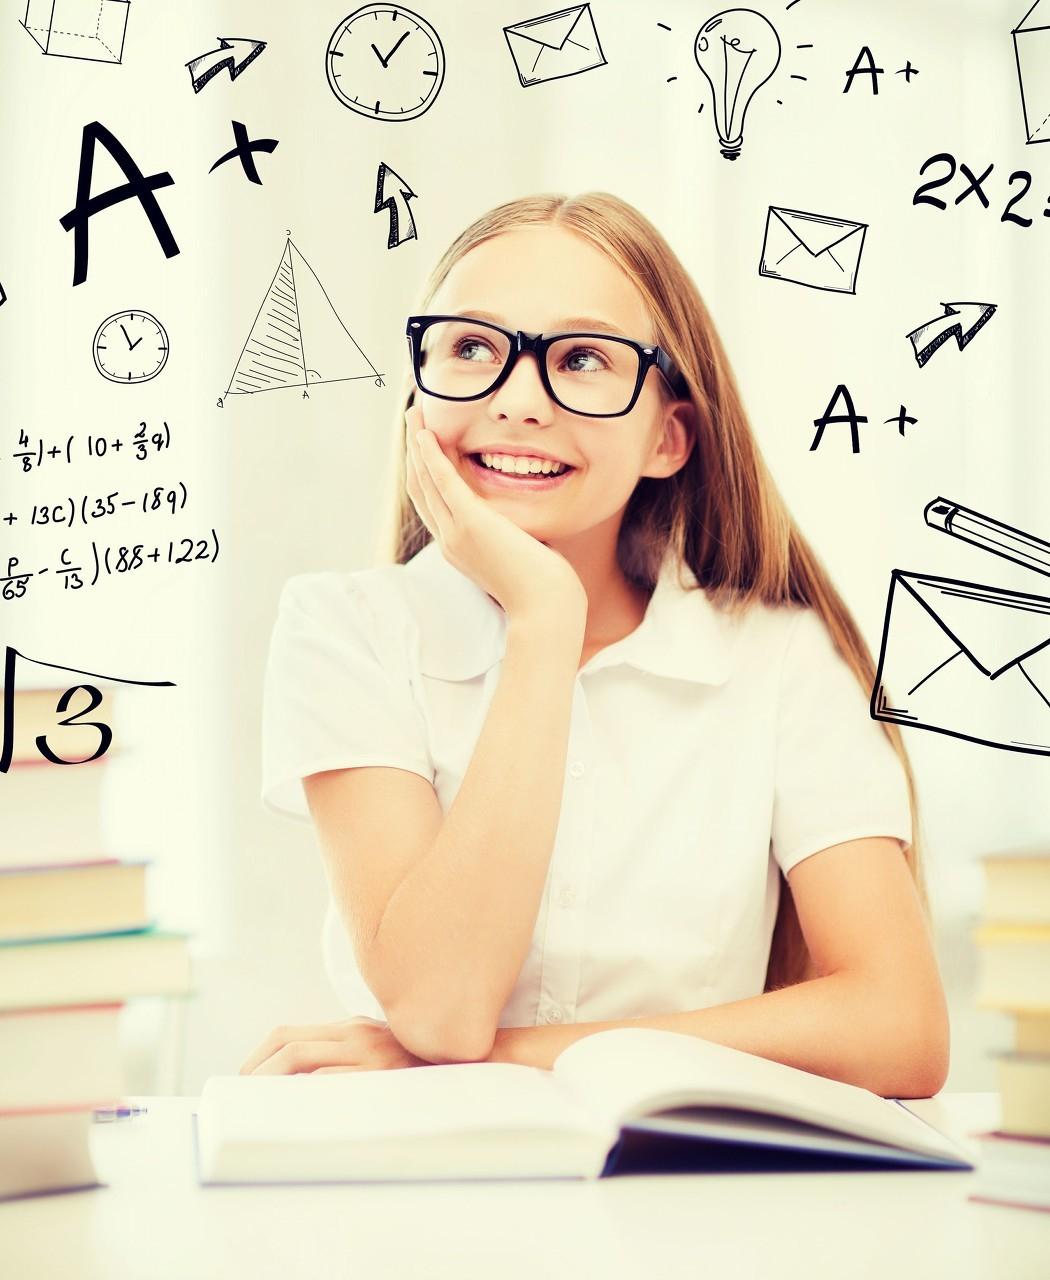 快开学了,怎样让孩子们快速适应新的学习环境呢?